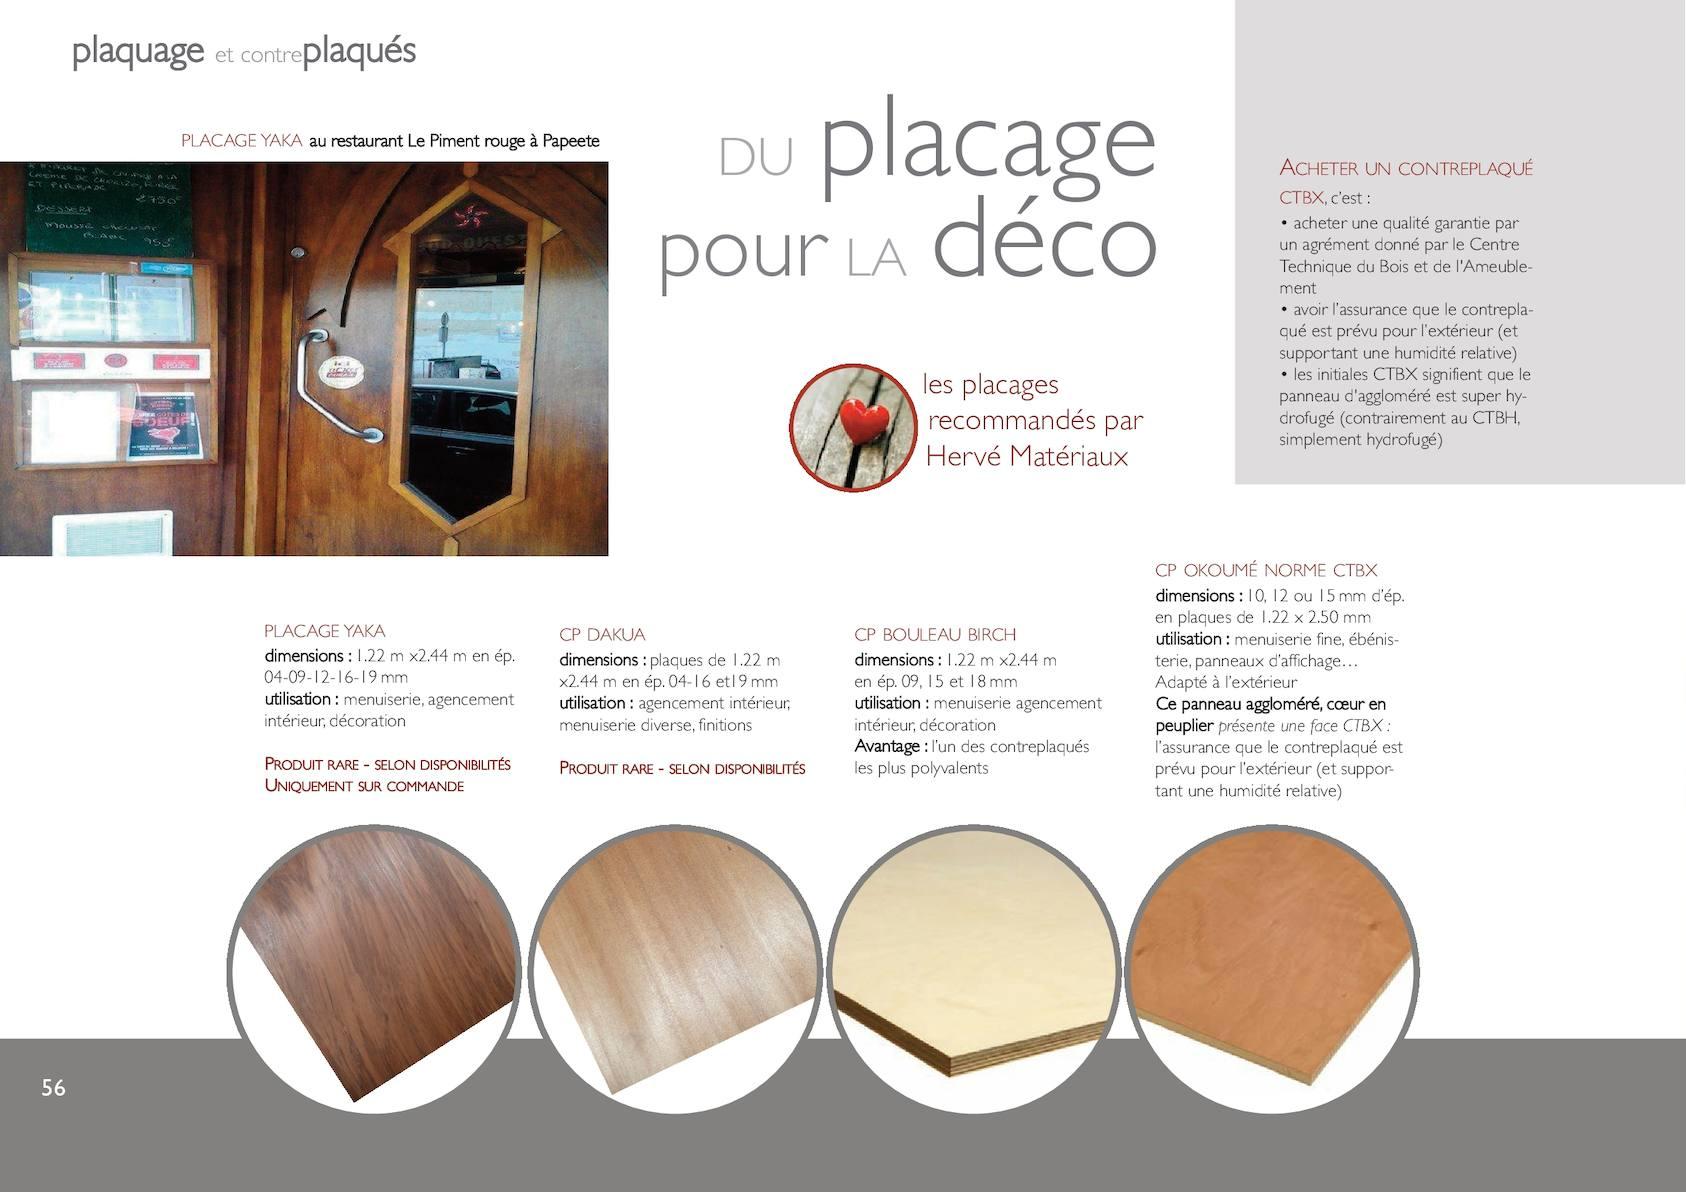 Contreplaqué Bambou 3 Mm catalogue herve materiaux 2016 - calameo downloader